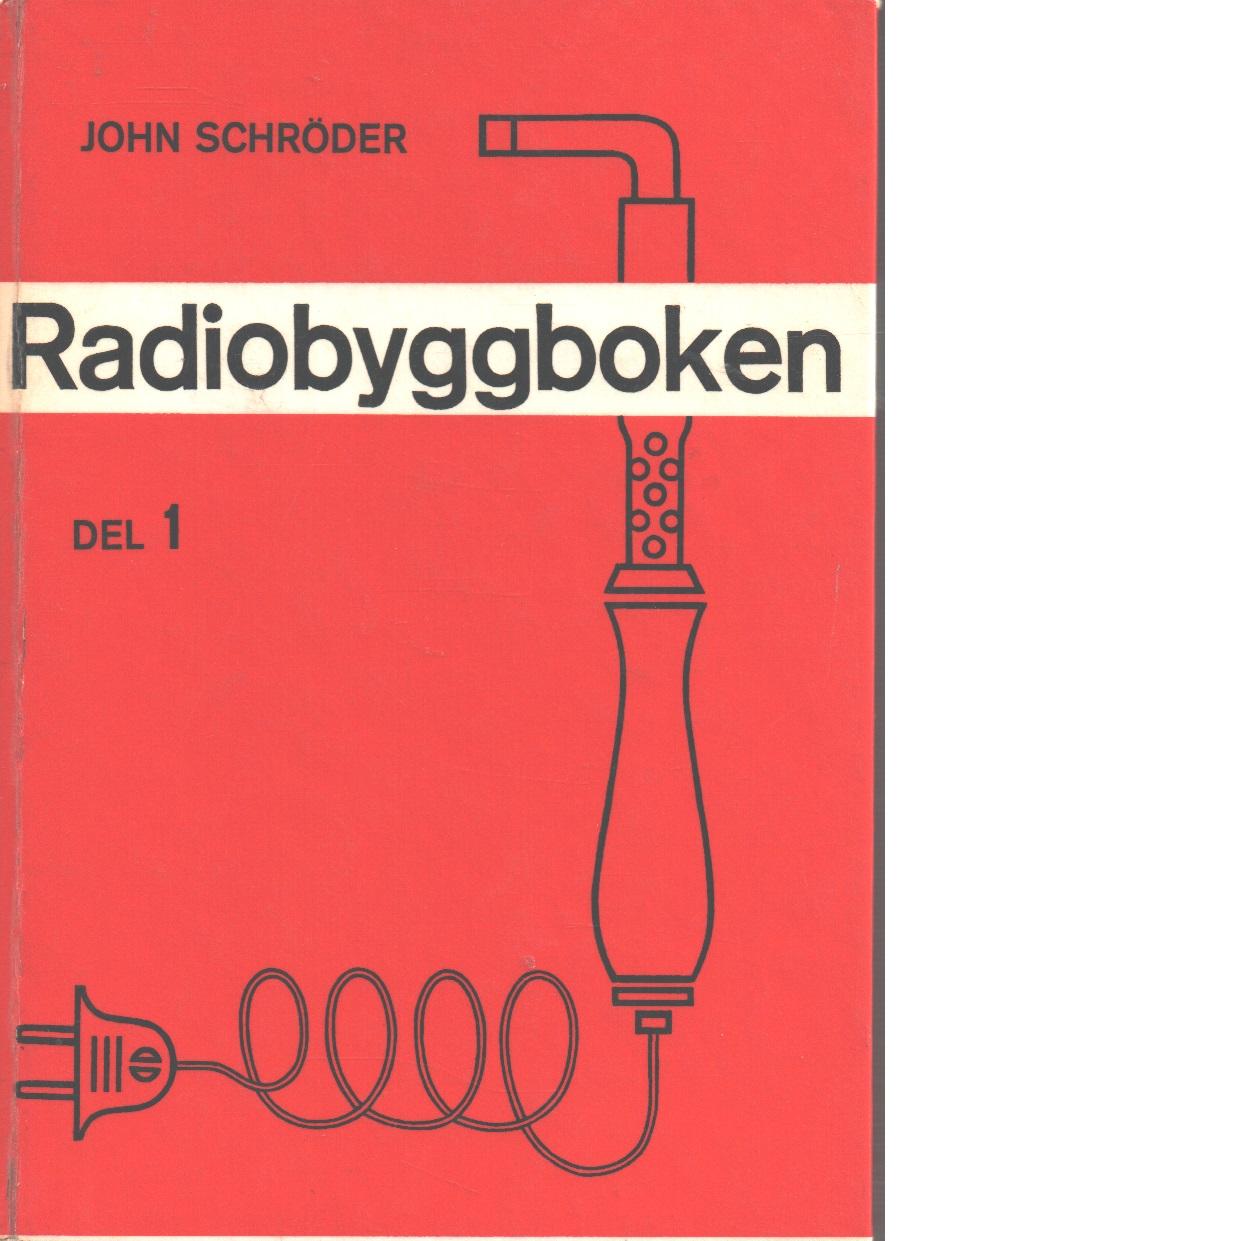 Radiobyggboken. D. 1 - Schröder, John